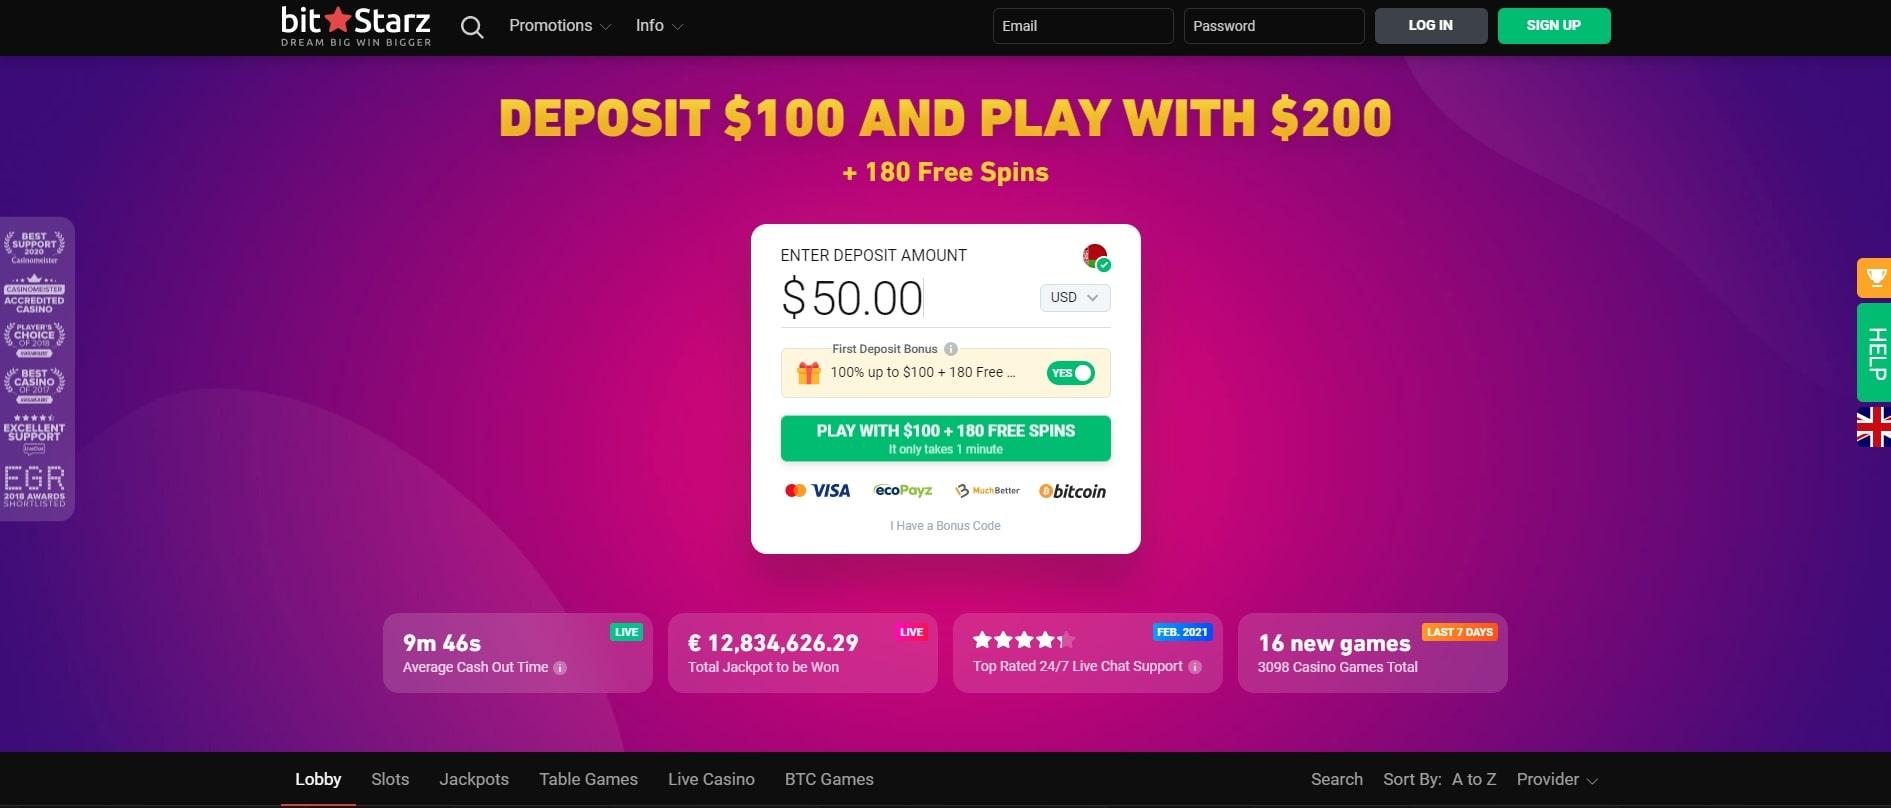 homepage bitstarz casino